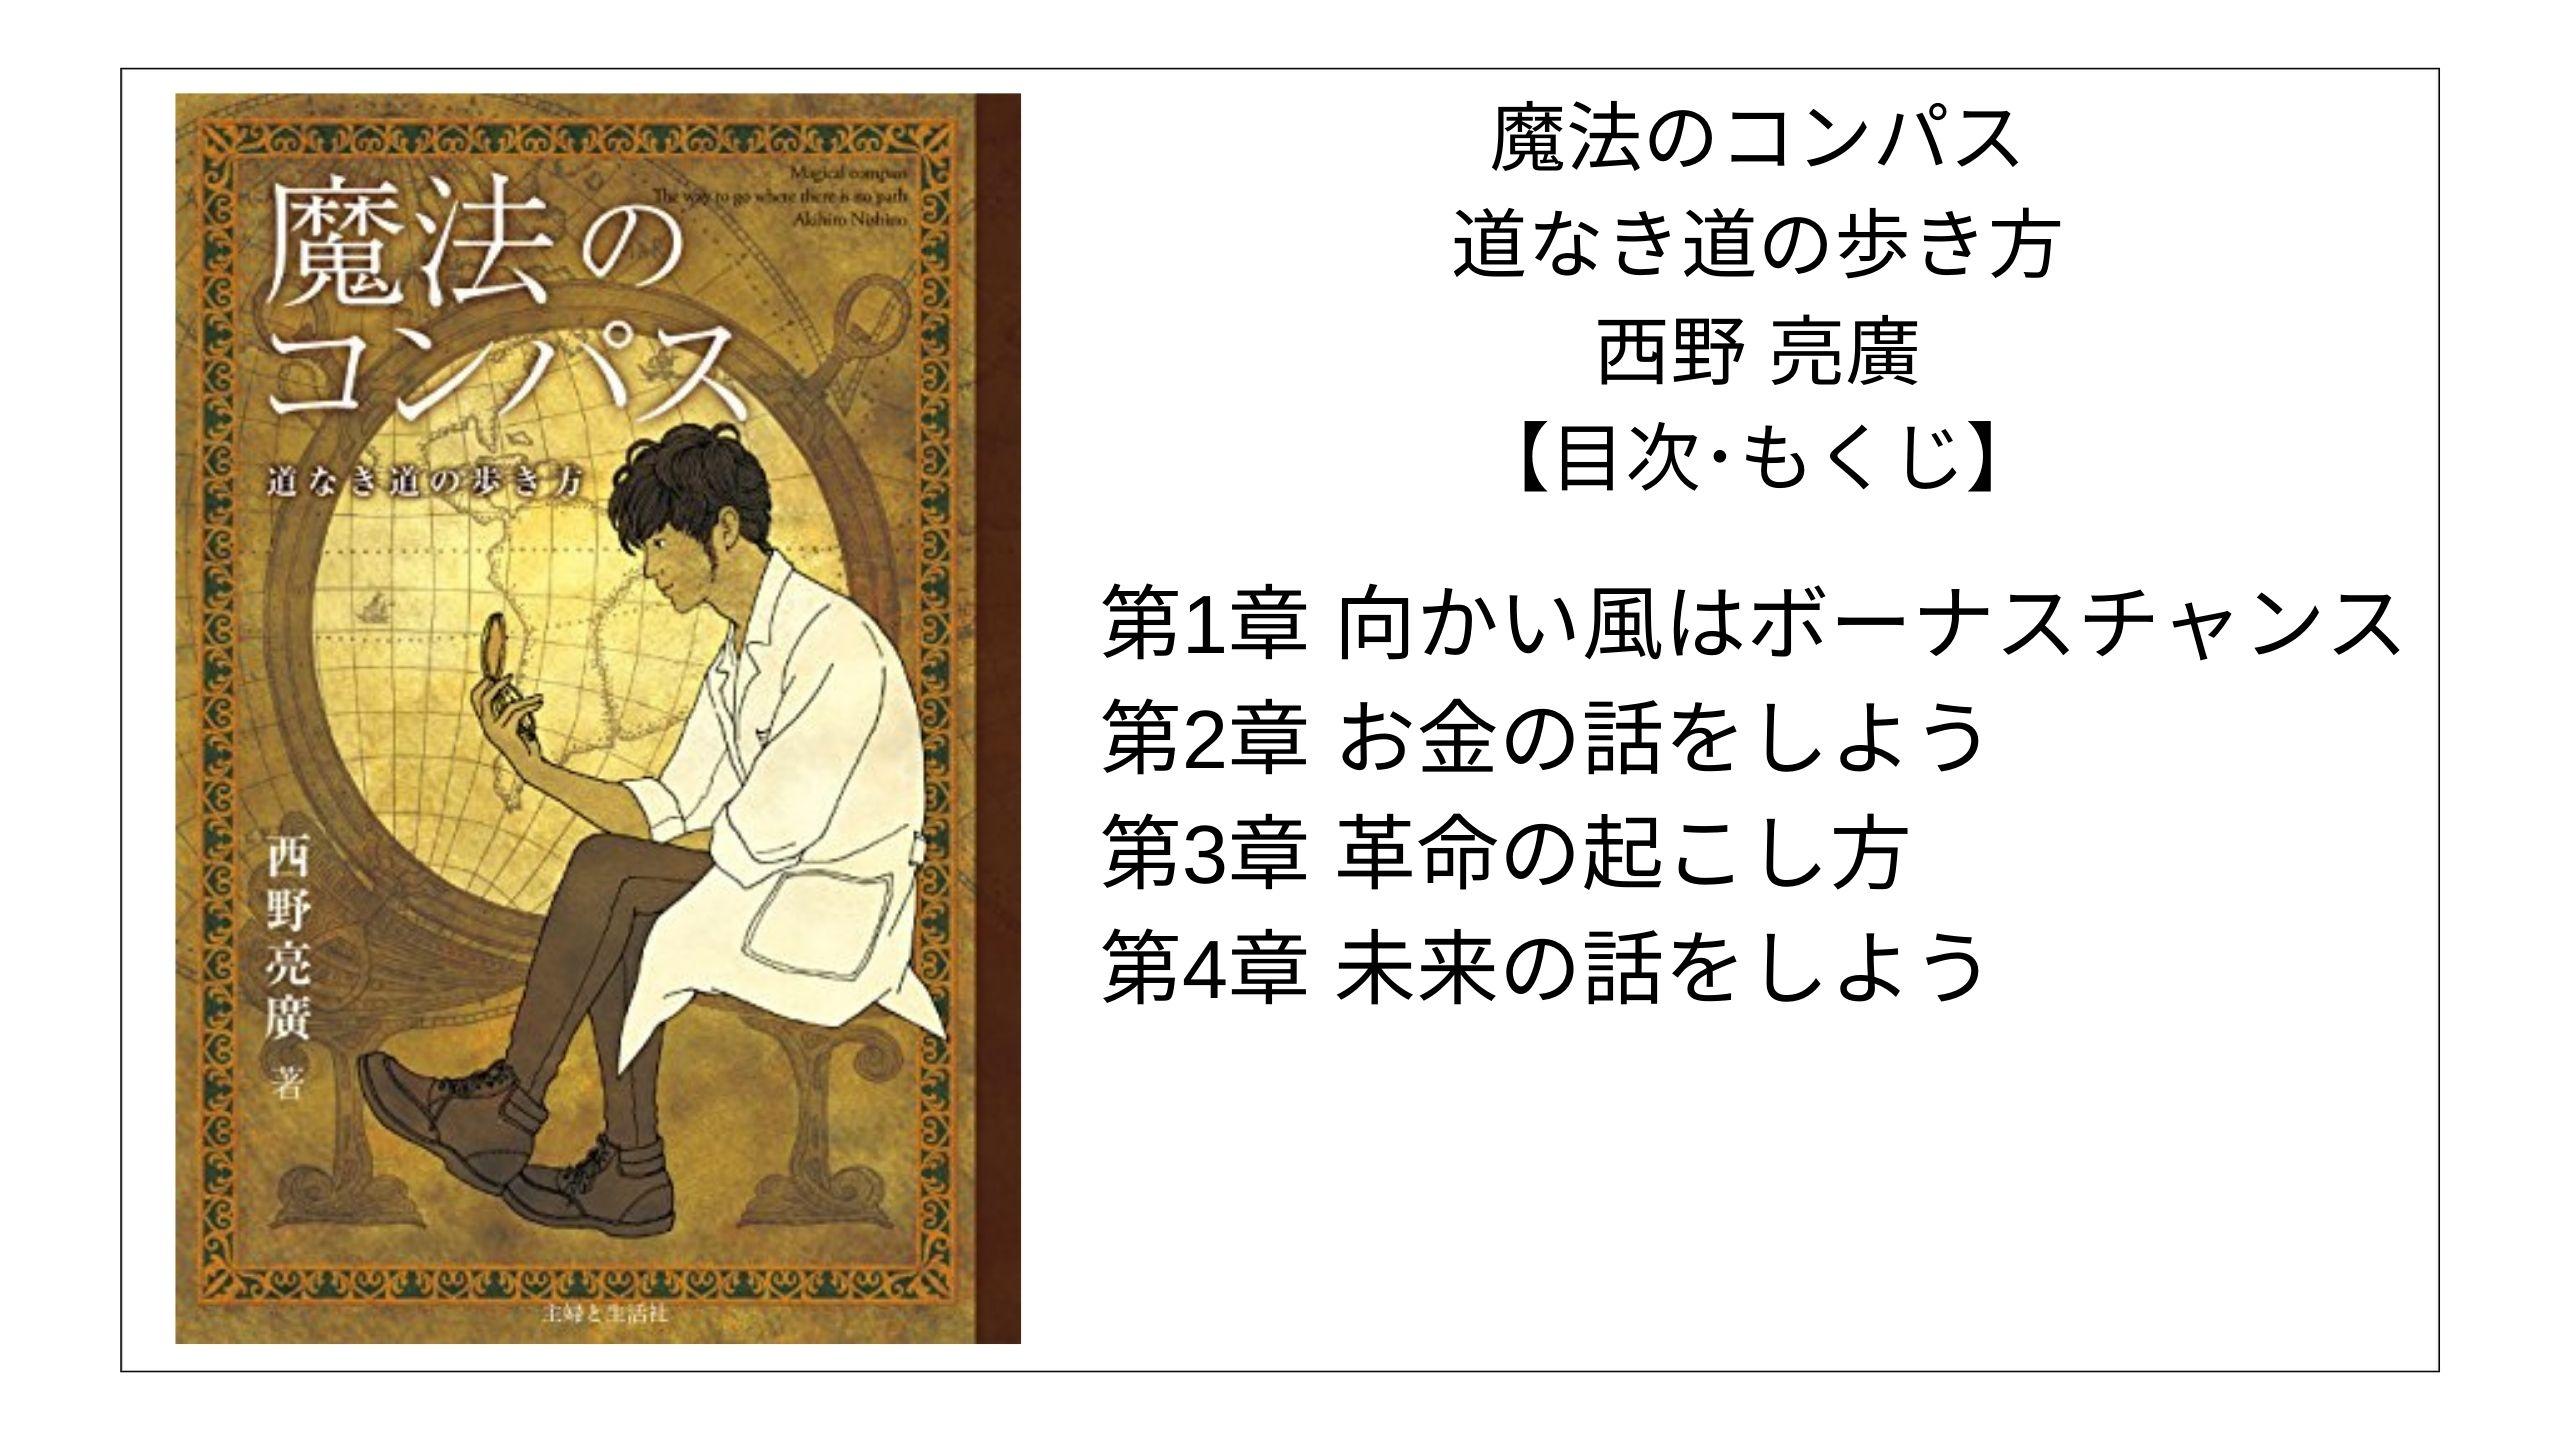 【目次】魔法のコンパス 道なき道の歩き方 / 西野 亮廣【要点】 モクホン 本の目次を読むサイト